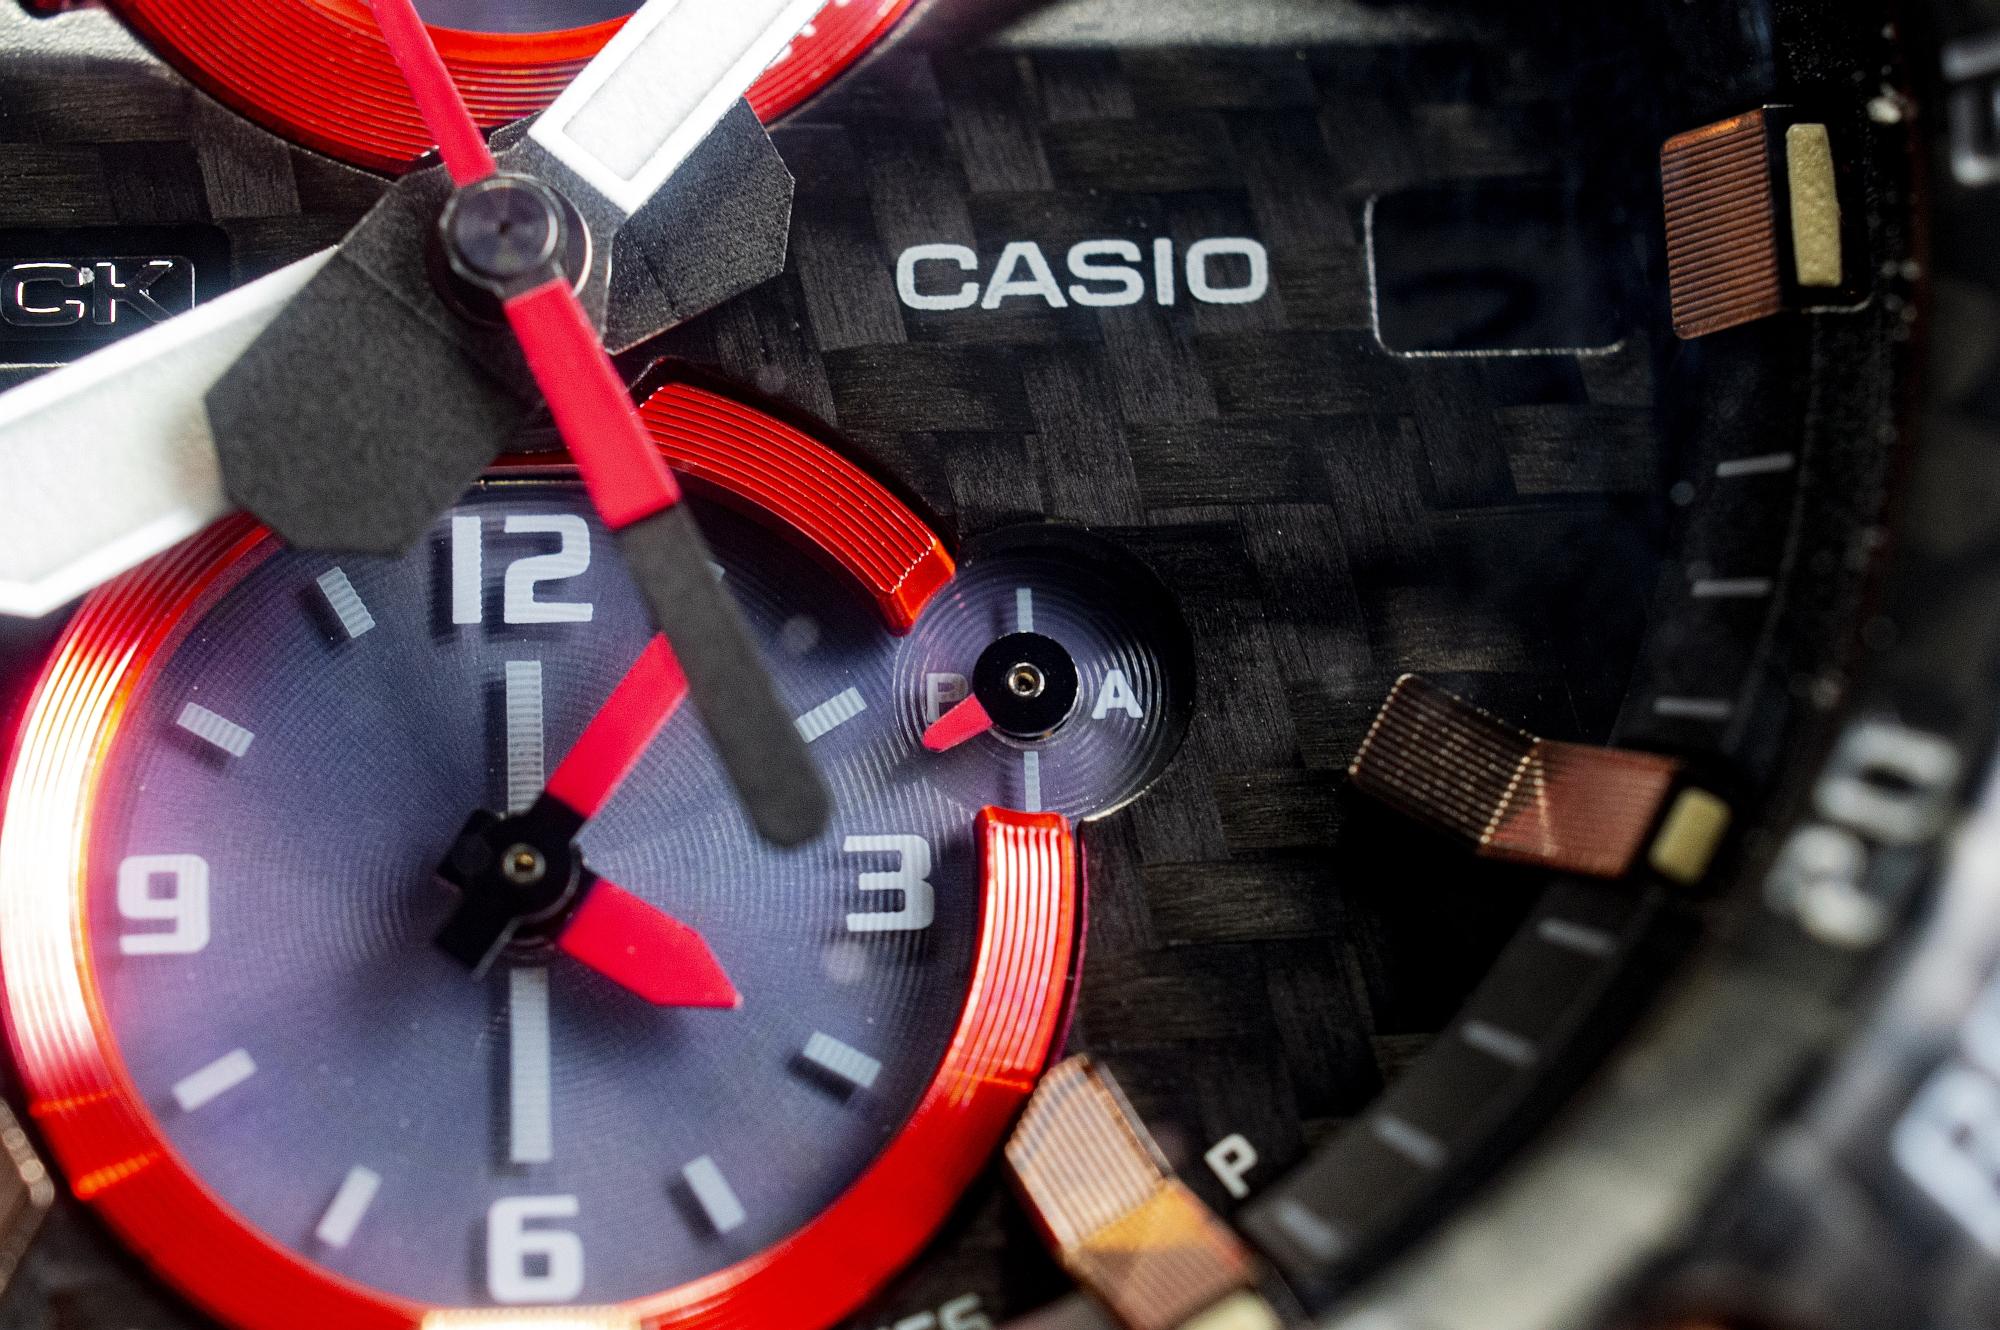 casio-g-shock-gravitymaster-grw-b1000x-.jpg